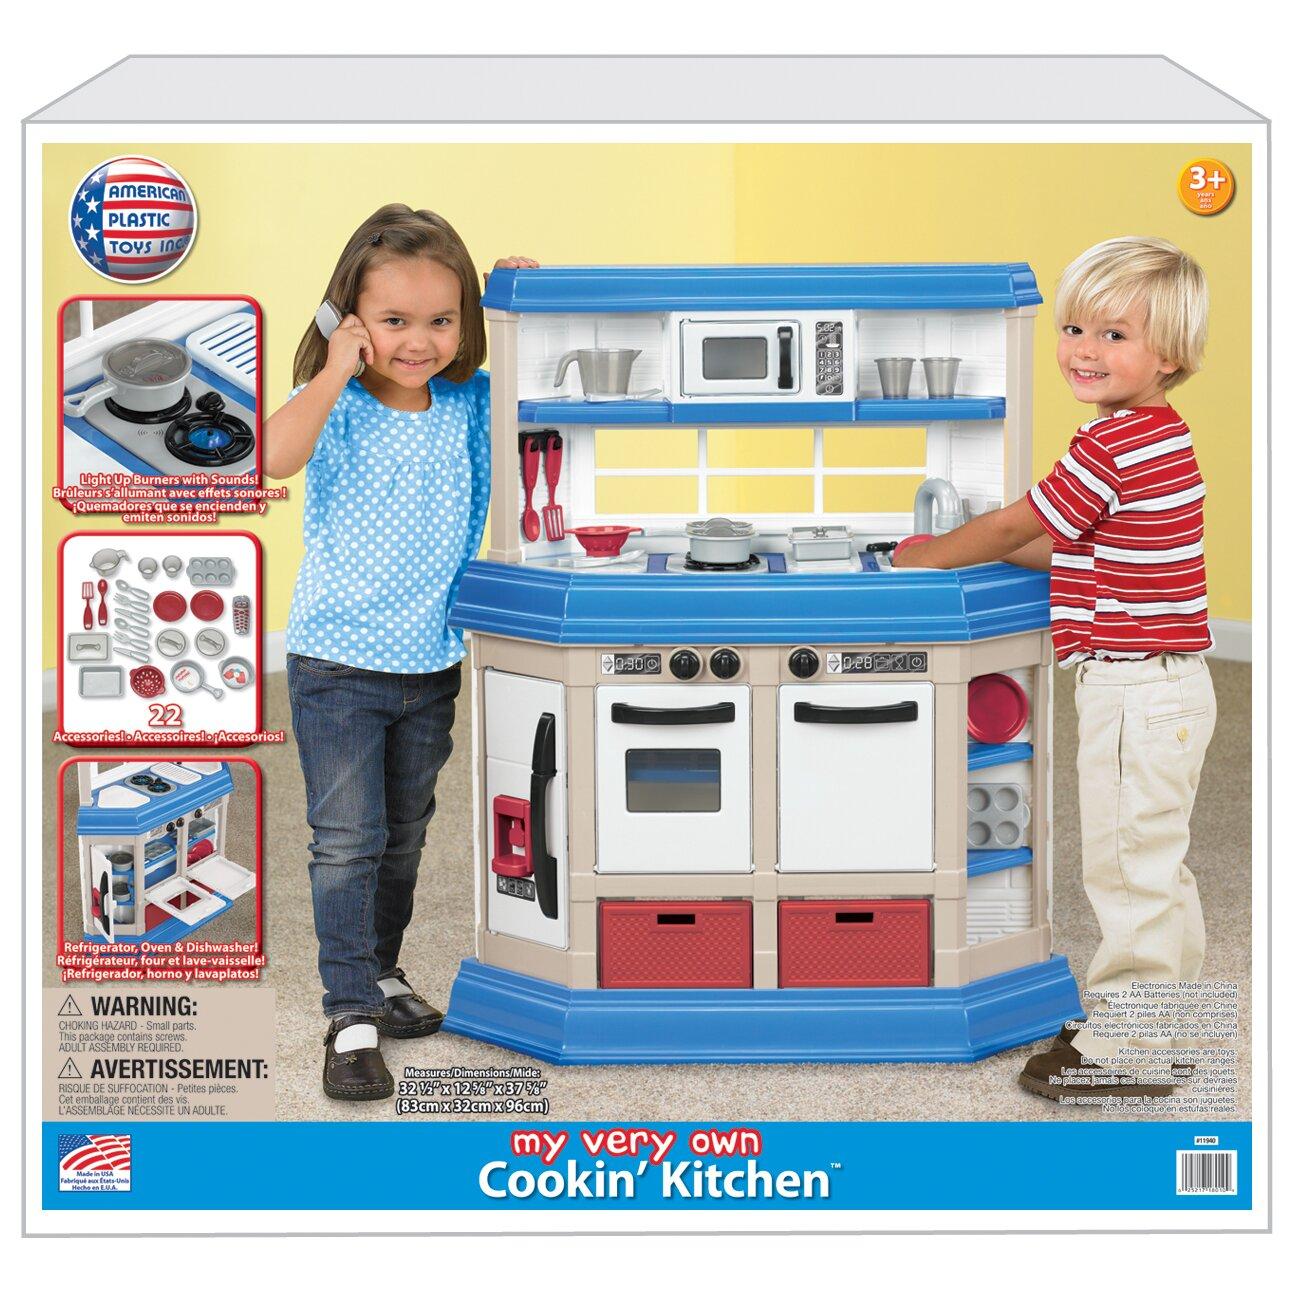 American plastic toys 22 piece kitchen set reviews wayfair for Plastic kitchen set